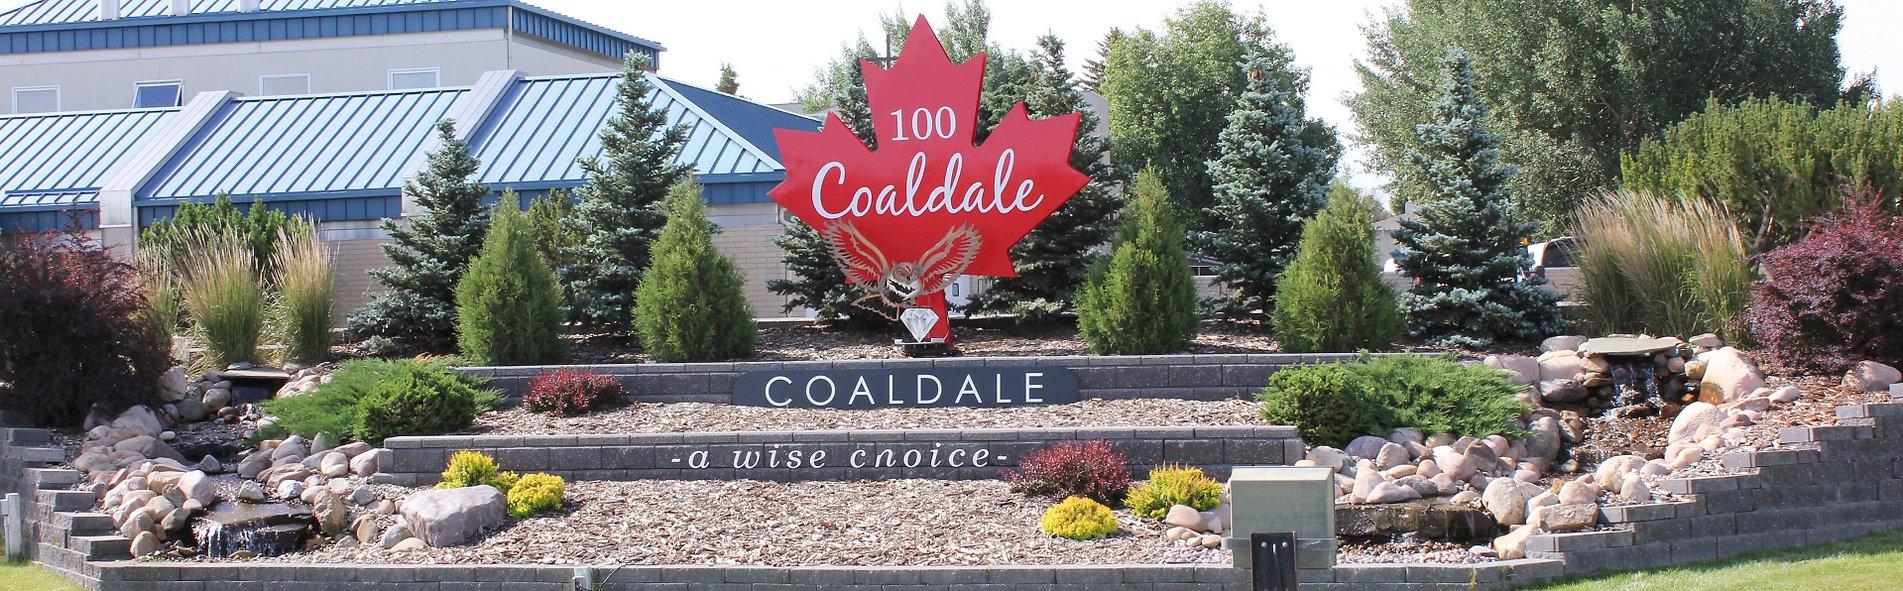 coaldale.jpg